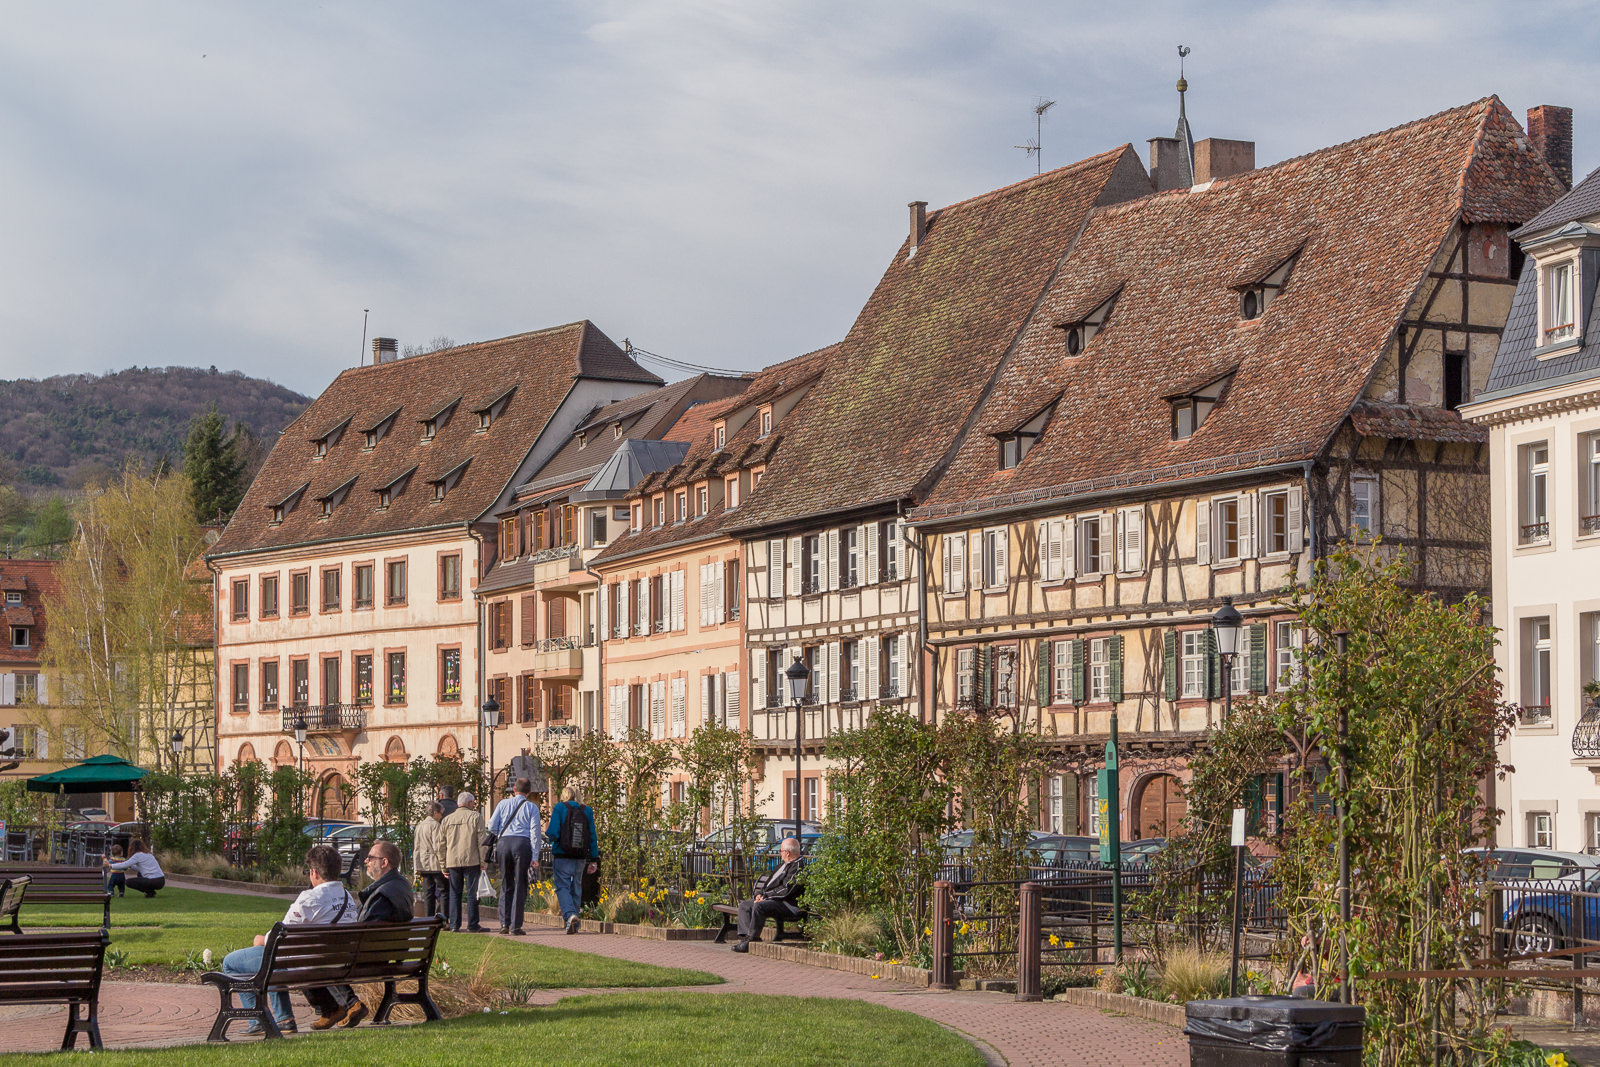 Cabriotour, Roadtrip, Pfalz, Weinstraße, Südliche Weinstraße, Reiseblog, #RLPerleben, Rheinland-Pfalz, Wissembourg, Elsass, Alsace